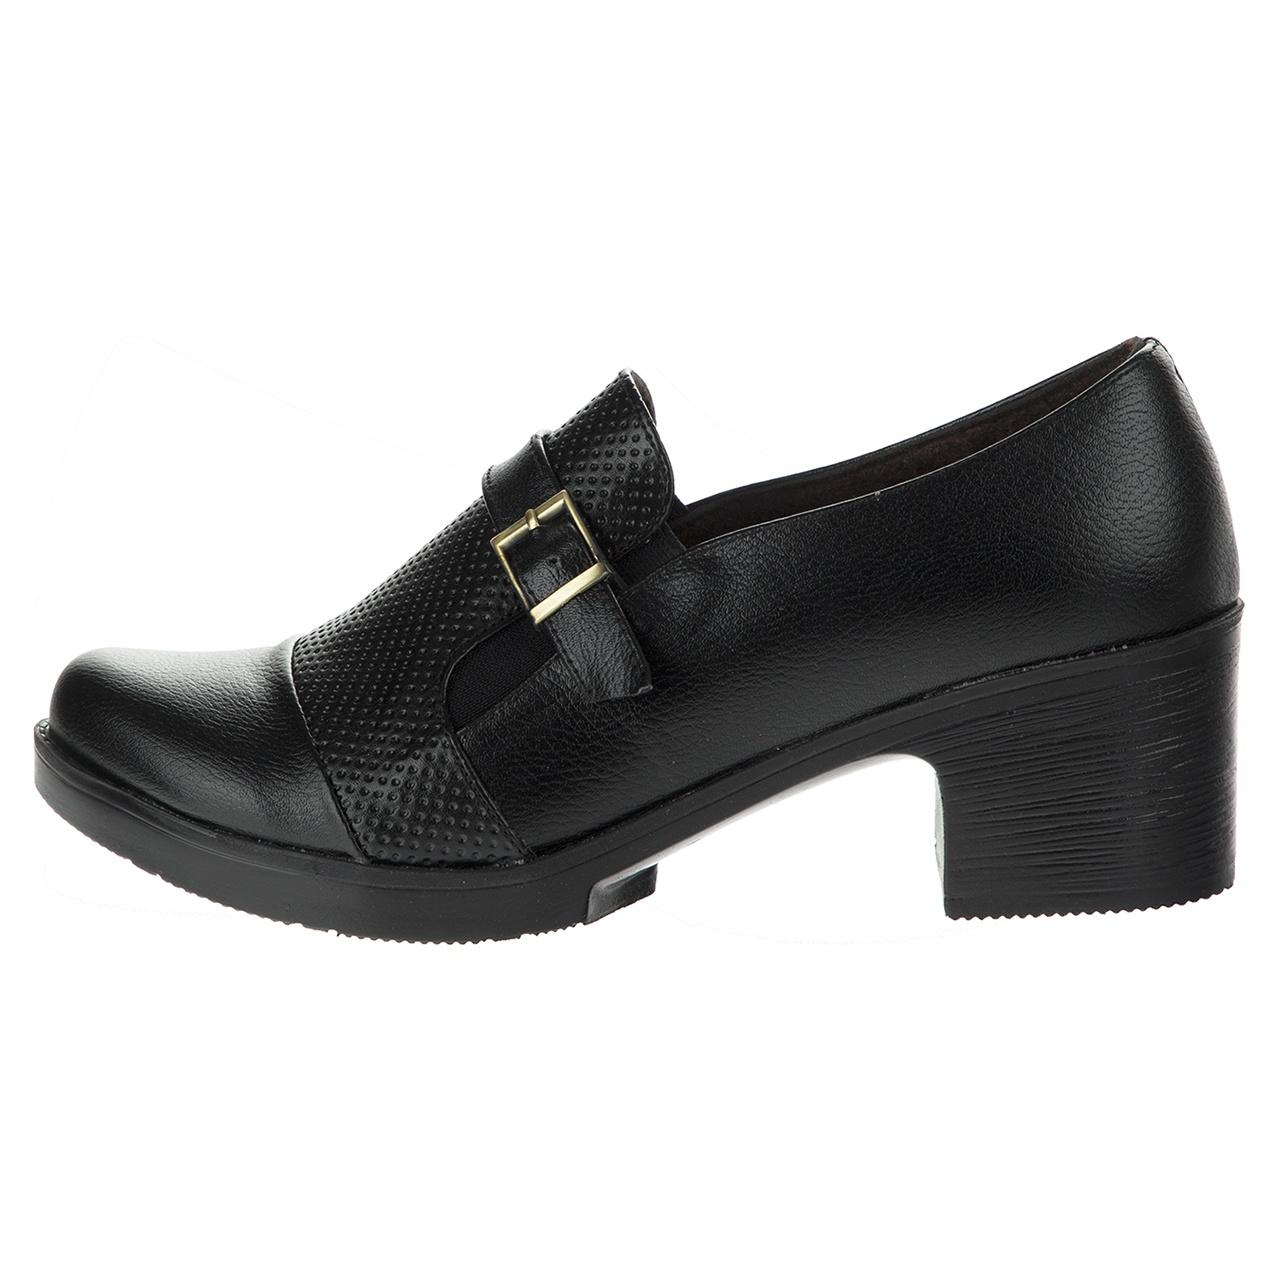 تصویر کفش  زنانه طبی سینا مدل بنفشه رنگ مشکی